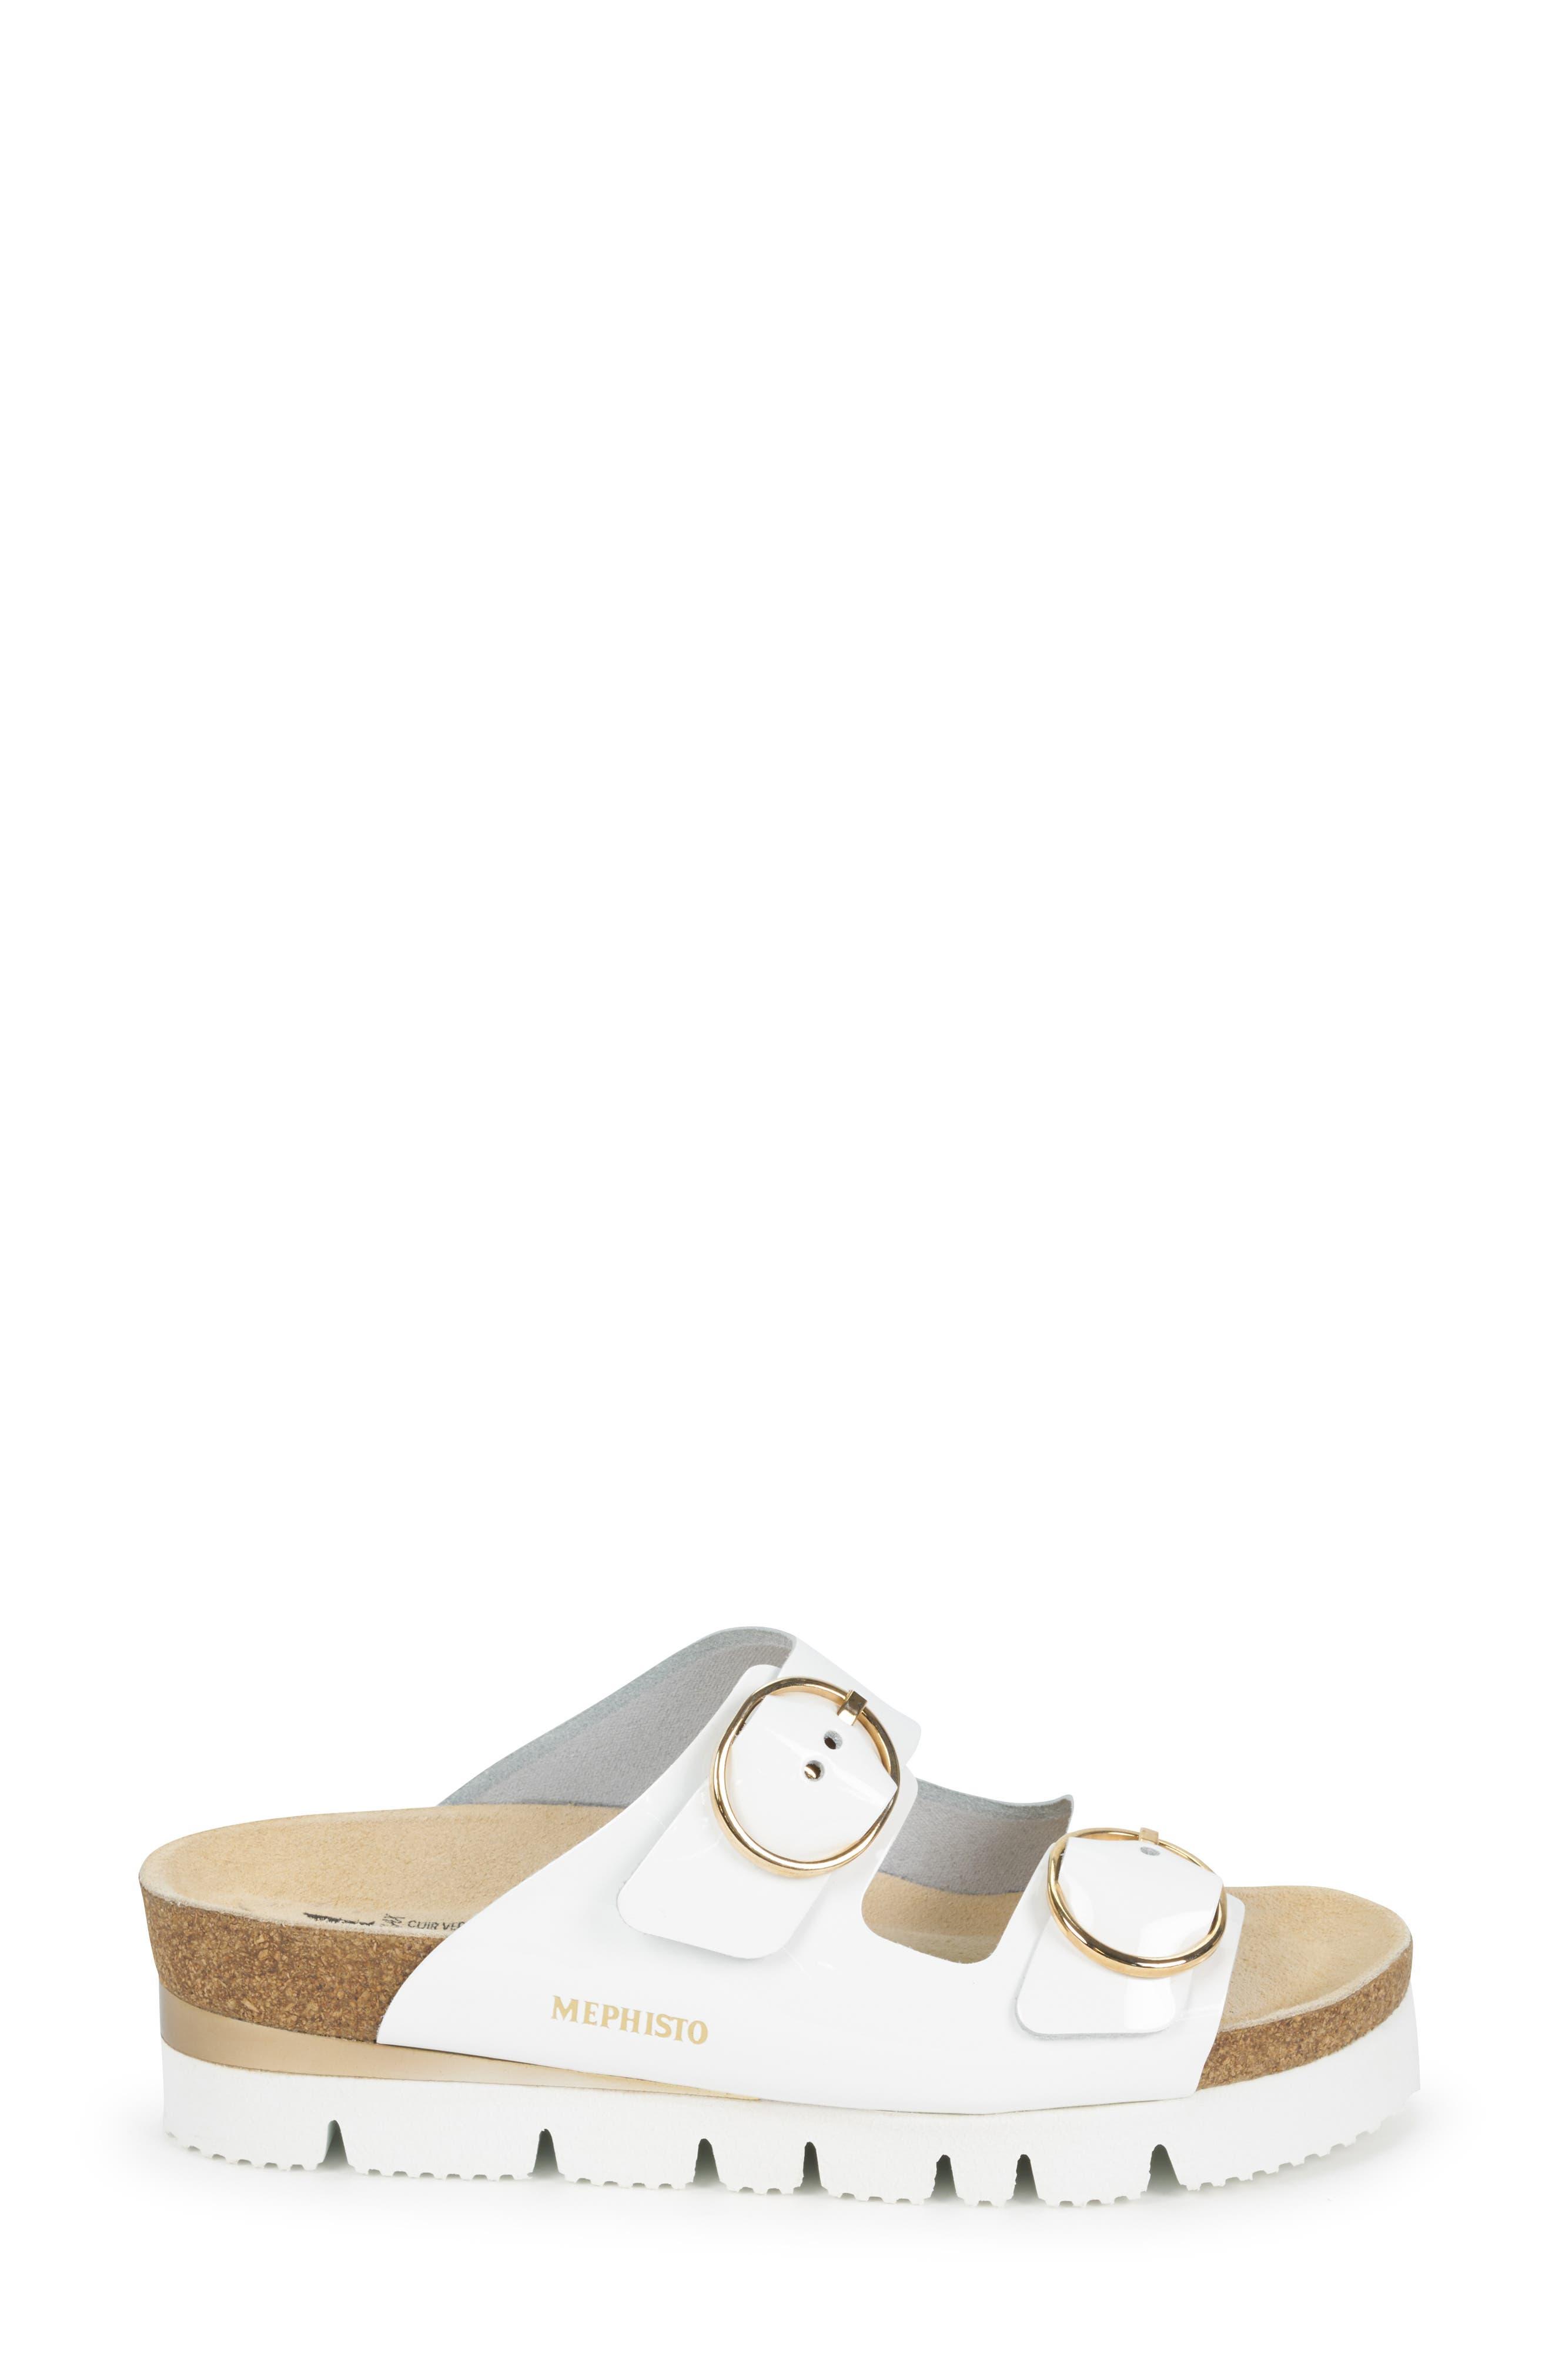 MEPHISTO, Vandy Slide Sandal, Alternate thumbnail 3, color, WHITE PATENT LEATHER